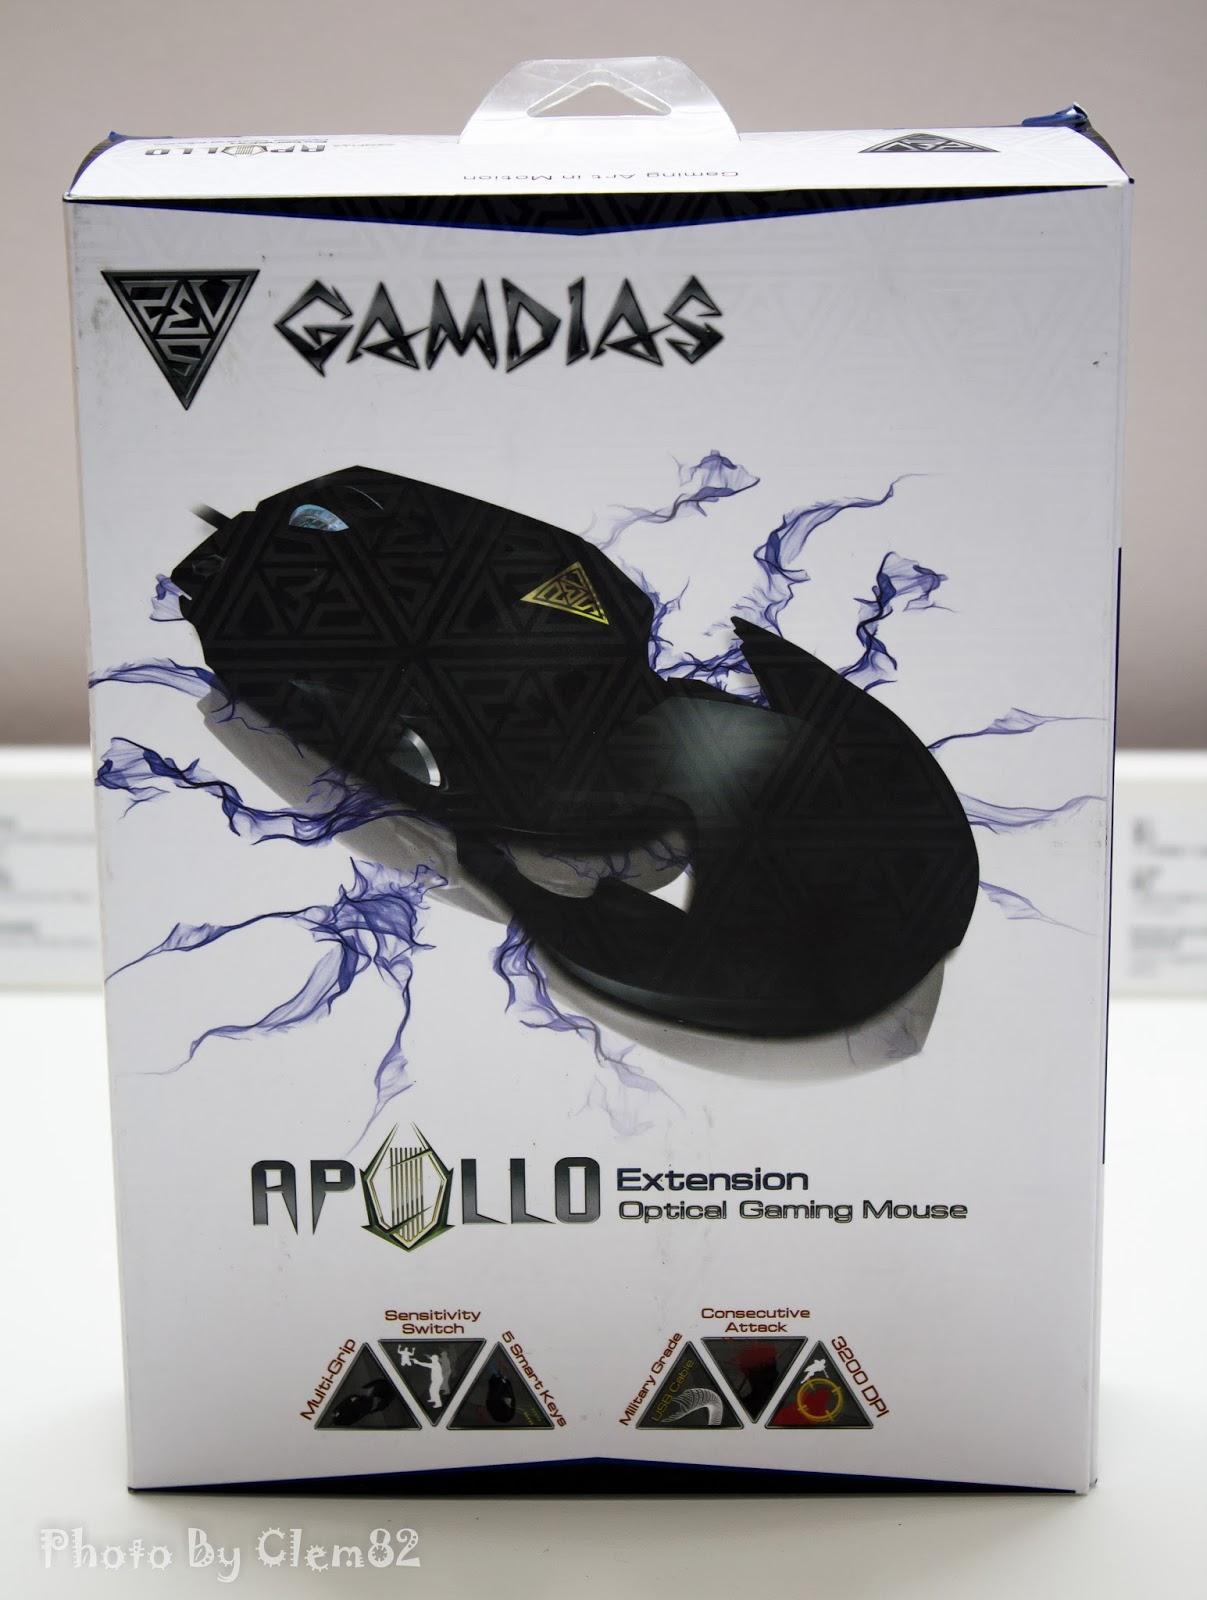 Gamdias Apollo Extension Optical Gaming Mouse 55